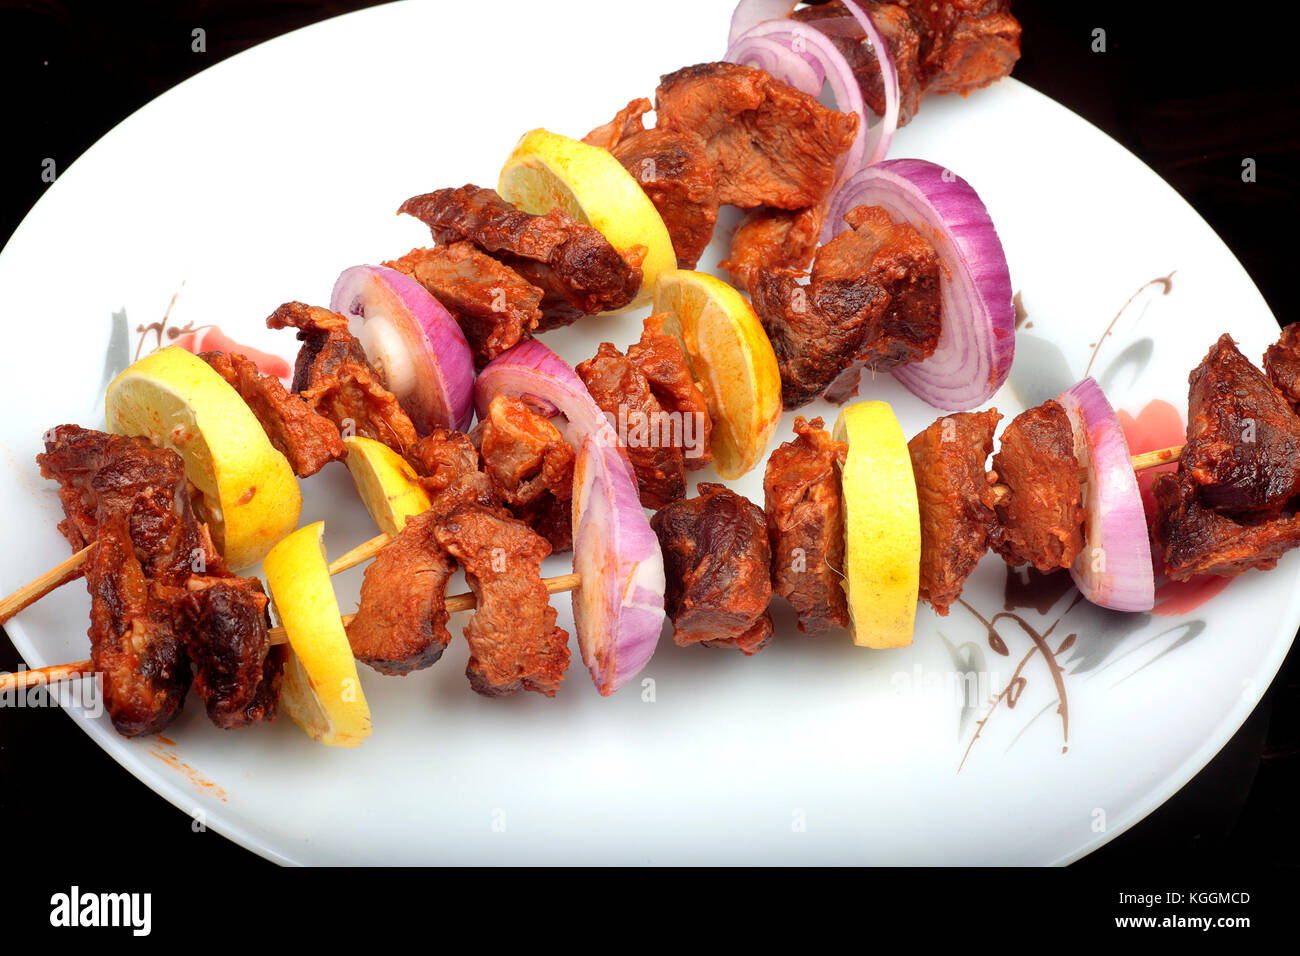 fresh-roasted-lamb-mutton-kebabs-on-skewers-KGGMCD.jpg